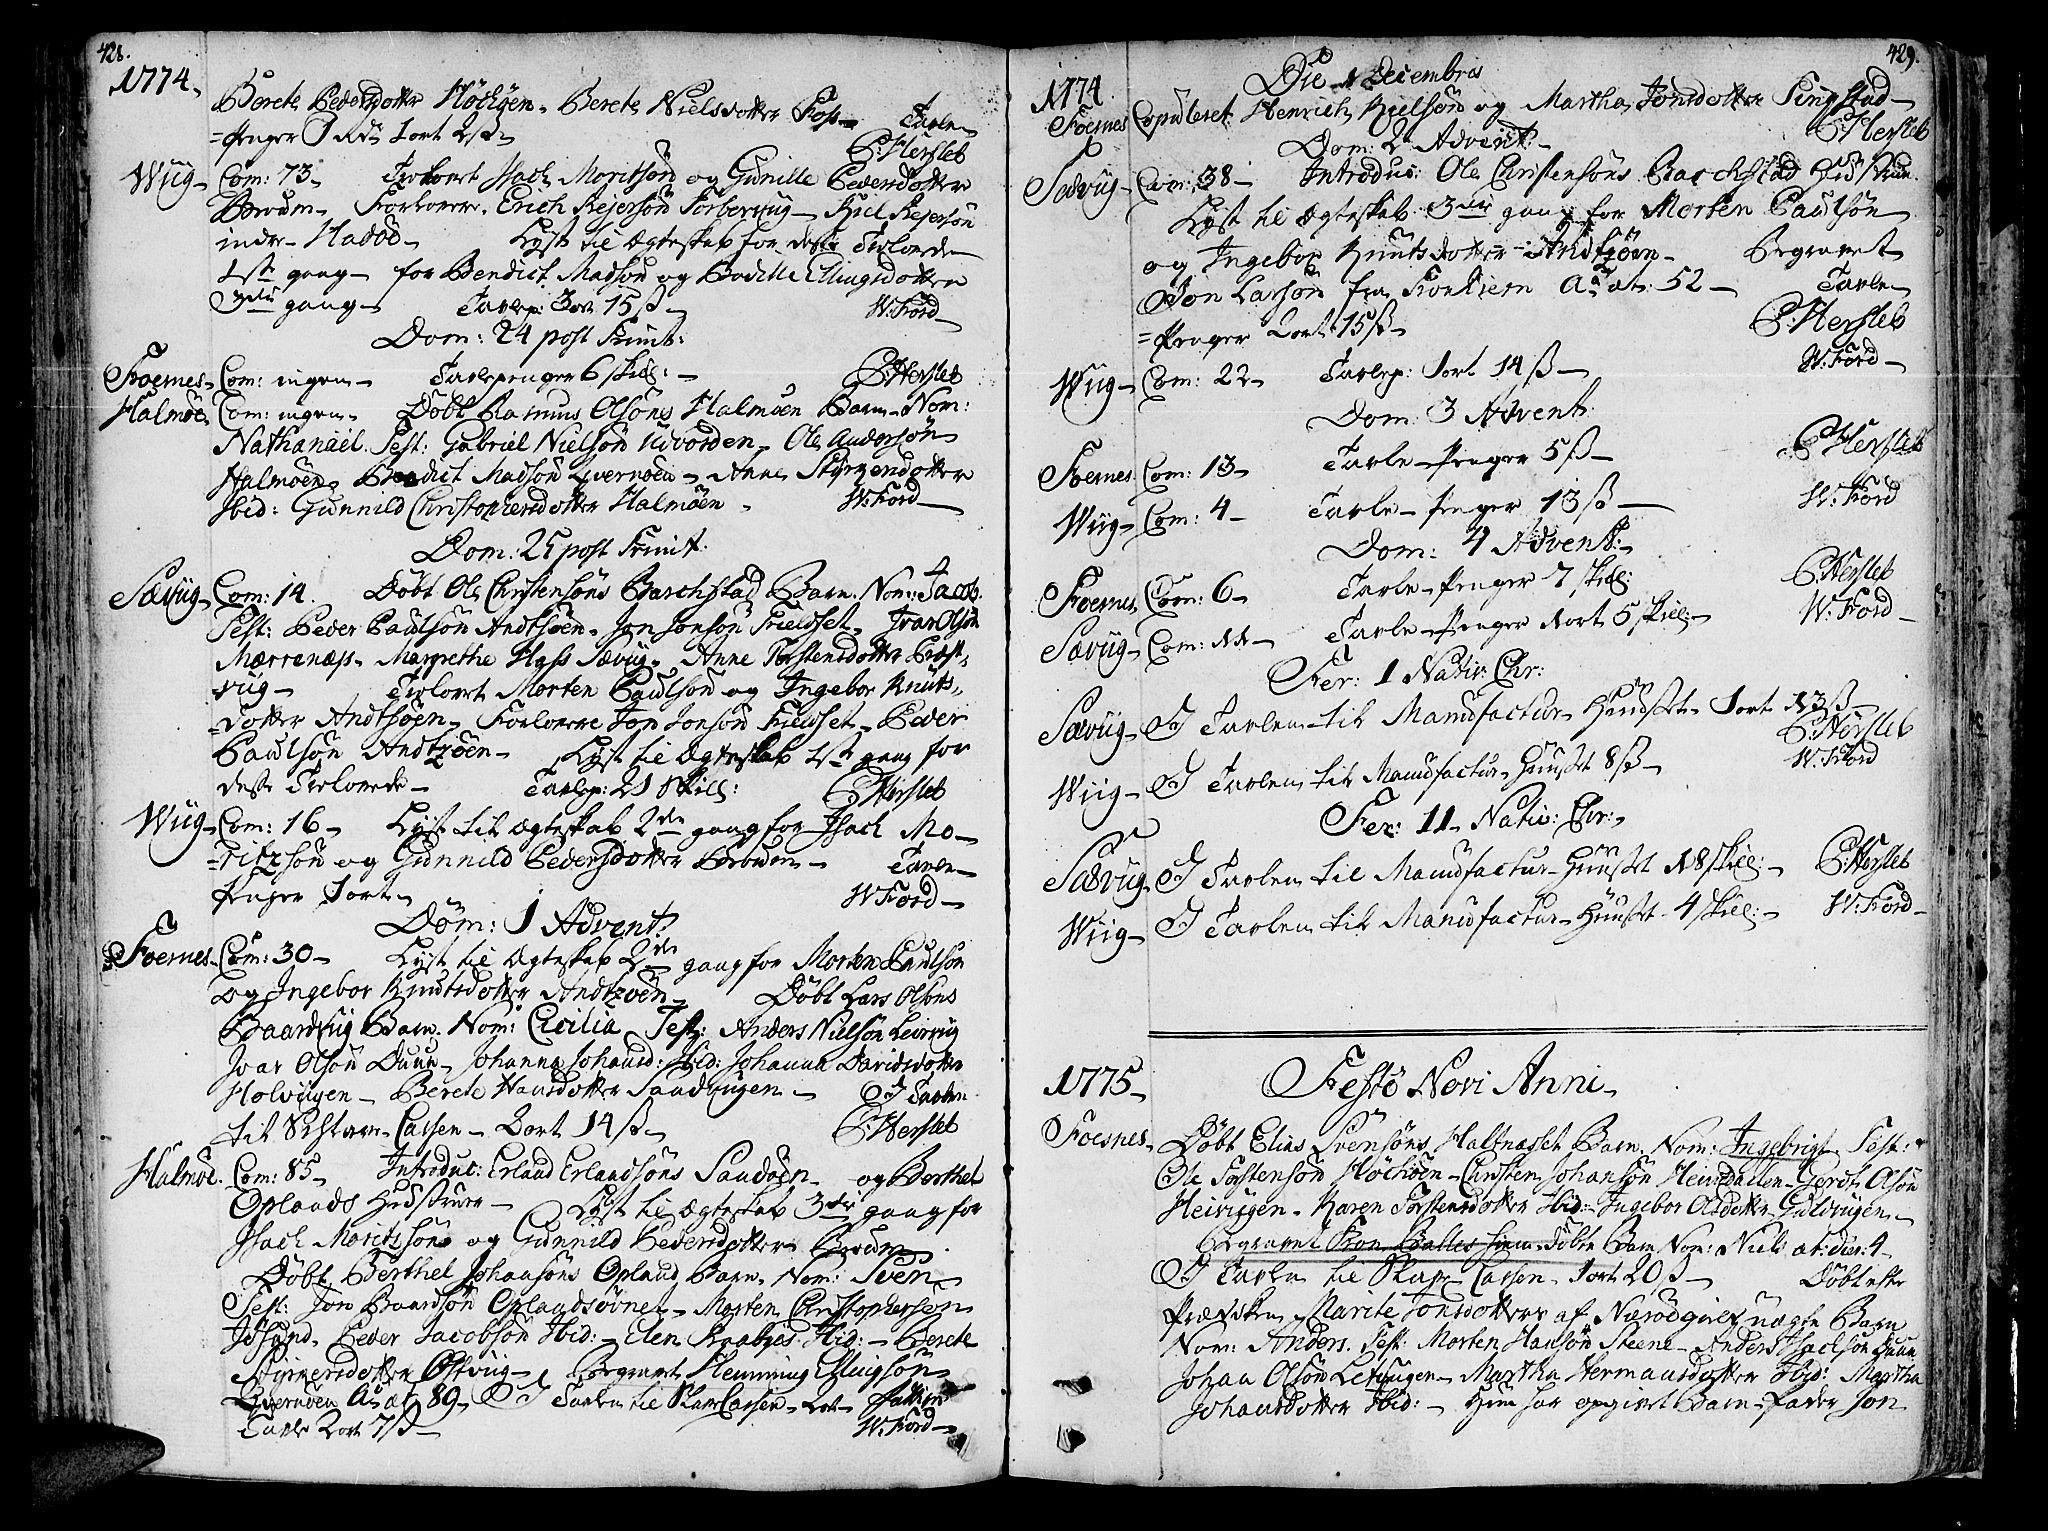 SAT, Ministerialprotokoller, klokkerbøker og fødselsregistre - Nord-Trøndelag, 773/L0607: Ministerialbok nr. 773A01, 1751-1783, s. 428-429